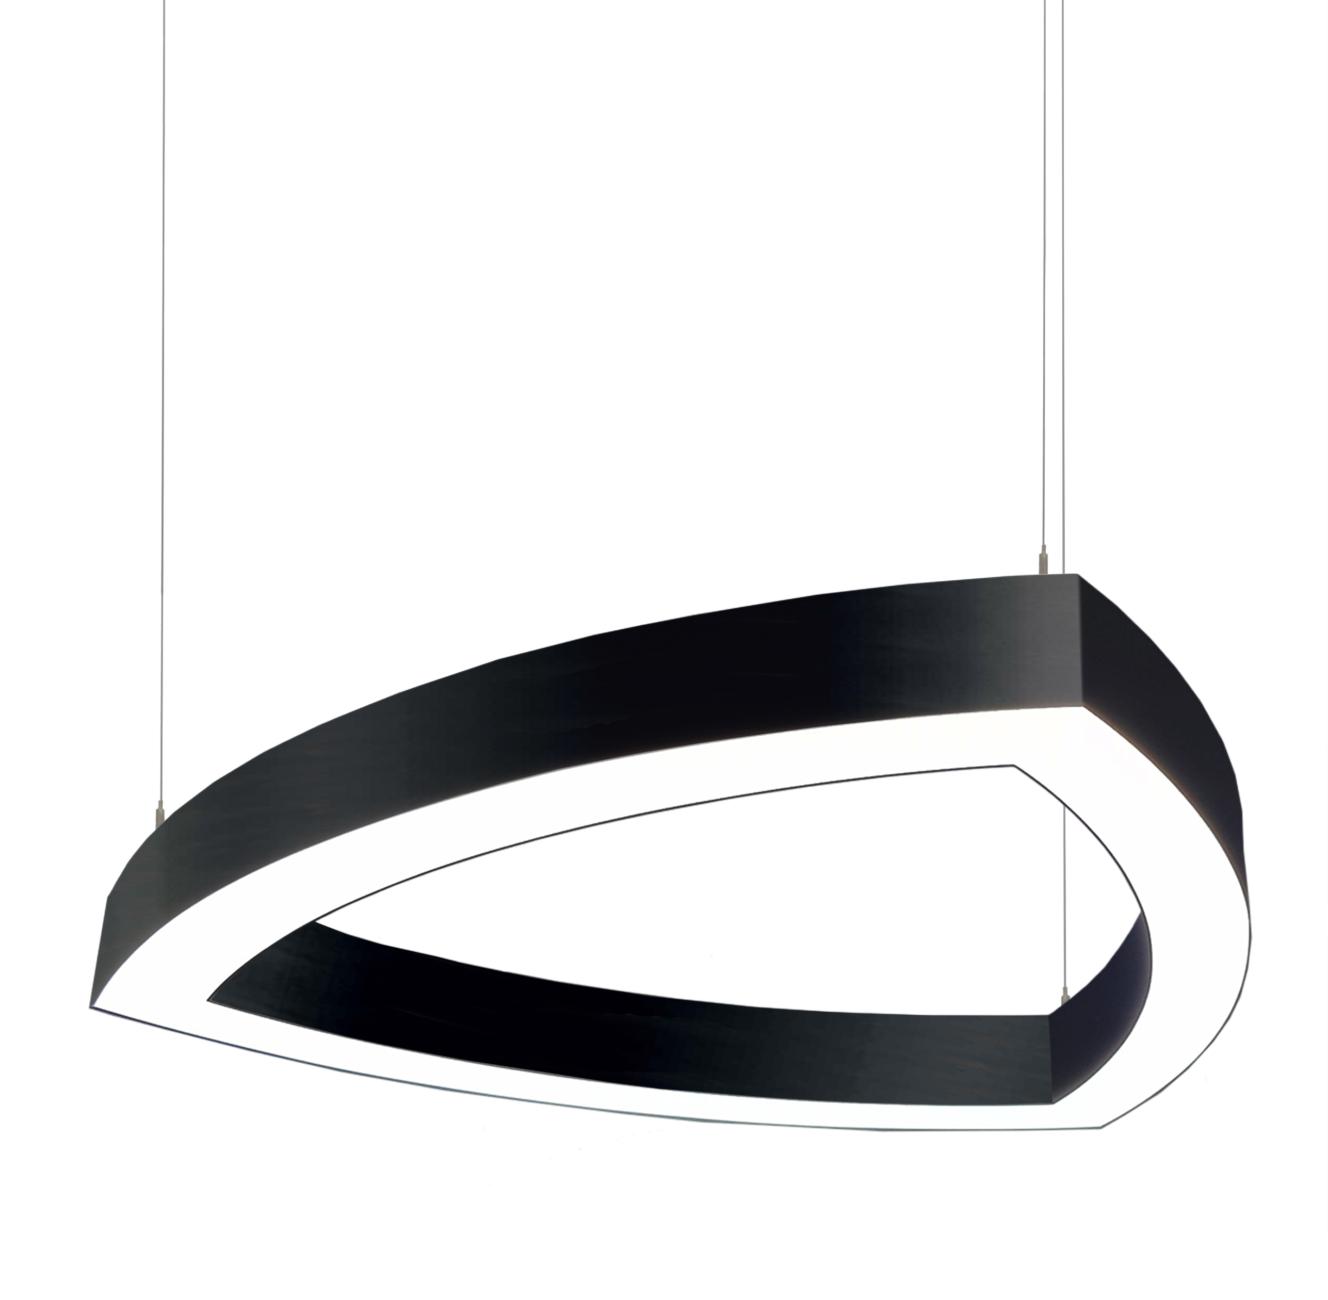 Светильник Triangle-H 5060-900мм. 4000К/3000К. 42/88W купить в Химках